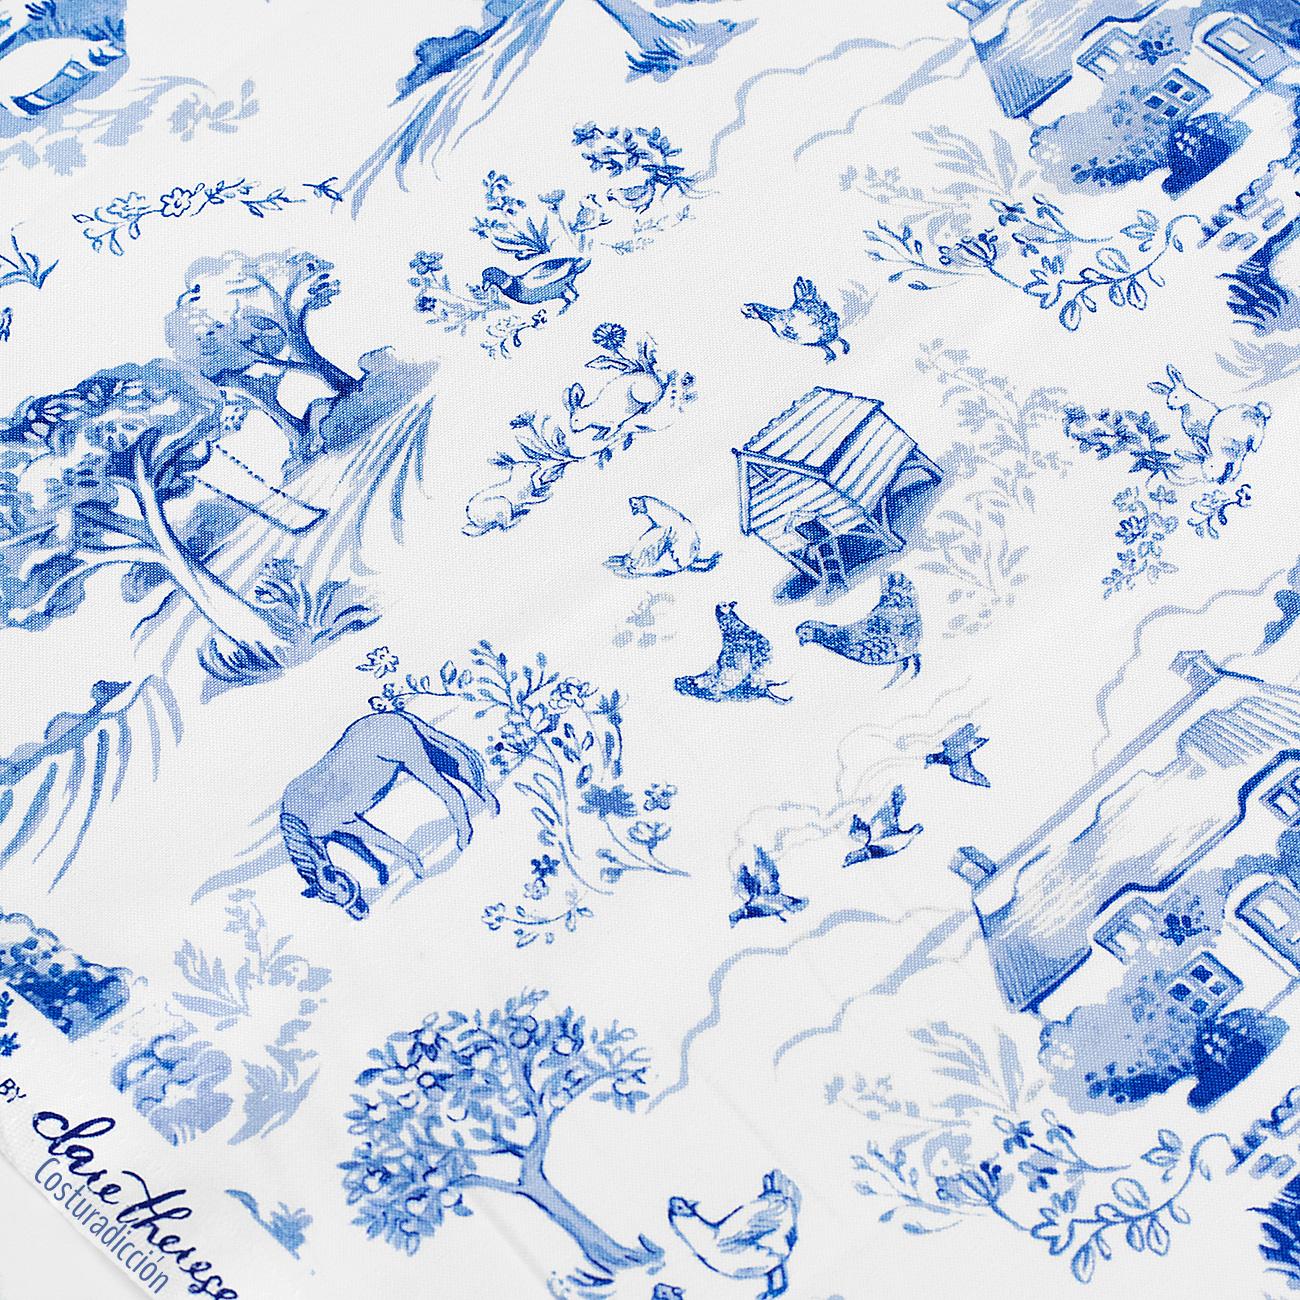 Imagen de producto: https://tienda.costuradiccion.com/img/articulos/secundarias14407-tela-windham-english-garden-toile-algodon-medio-metro-4.jpg